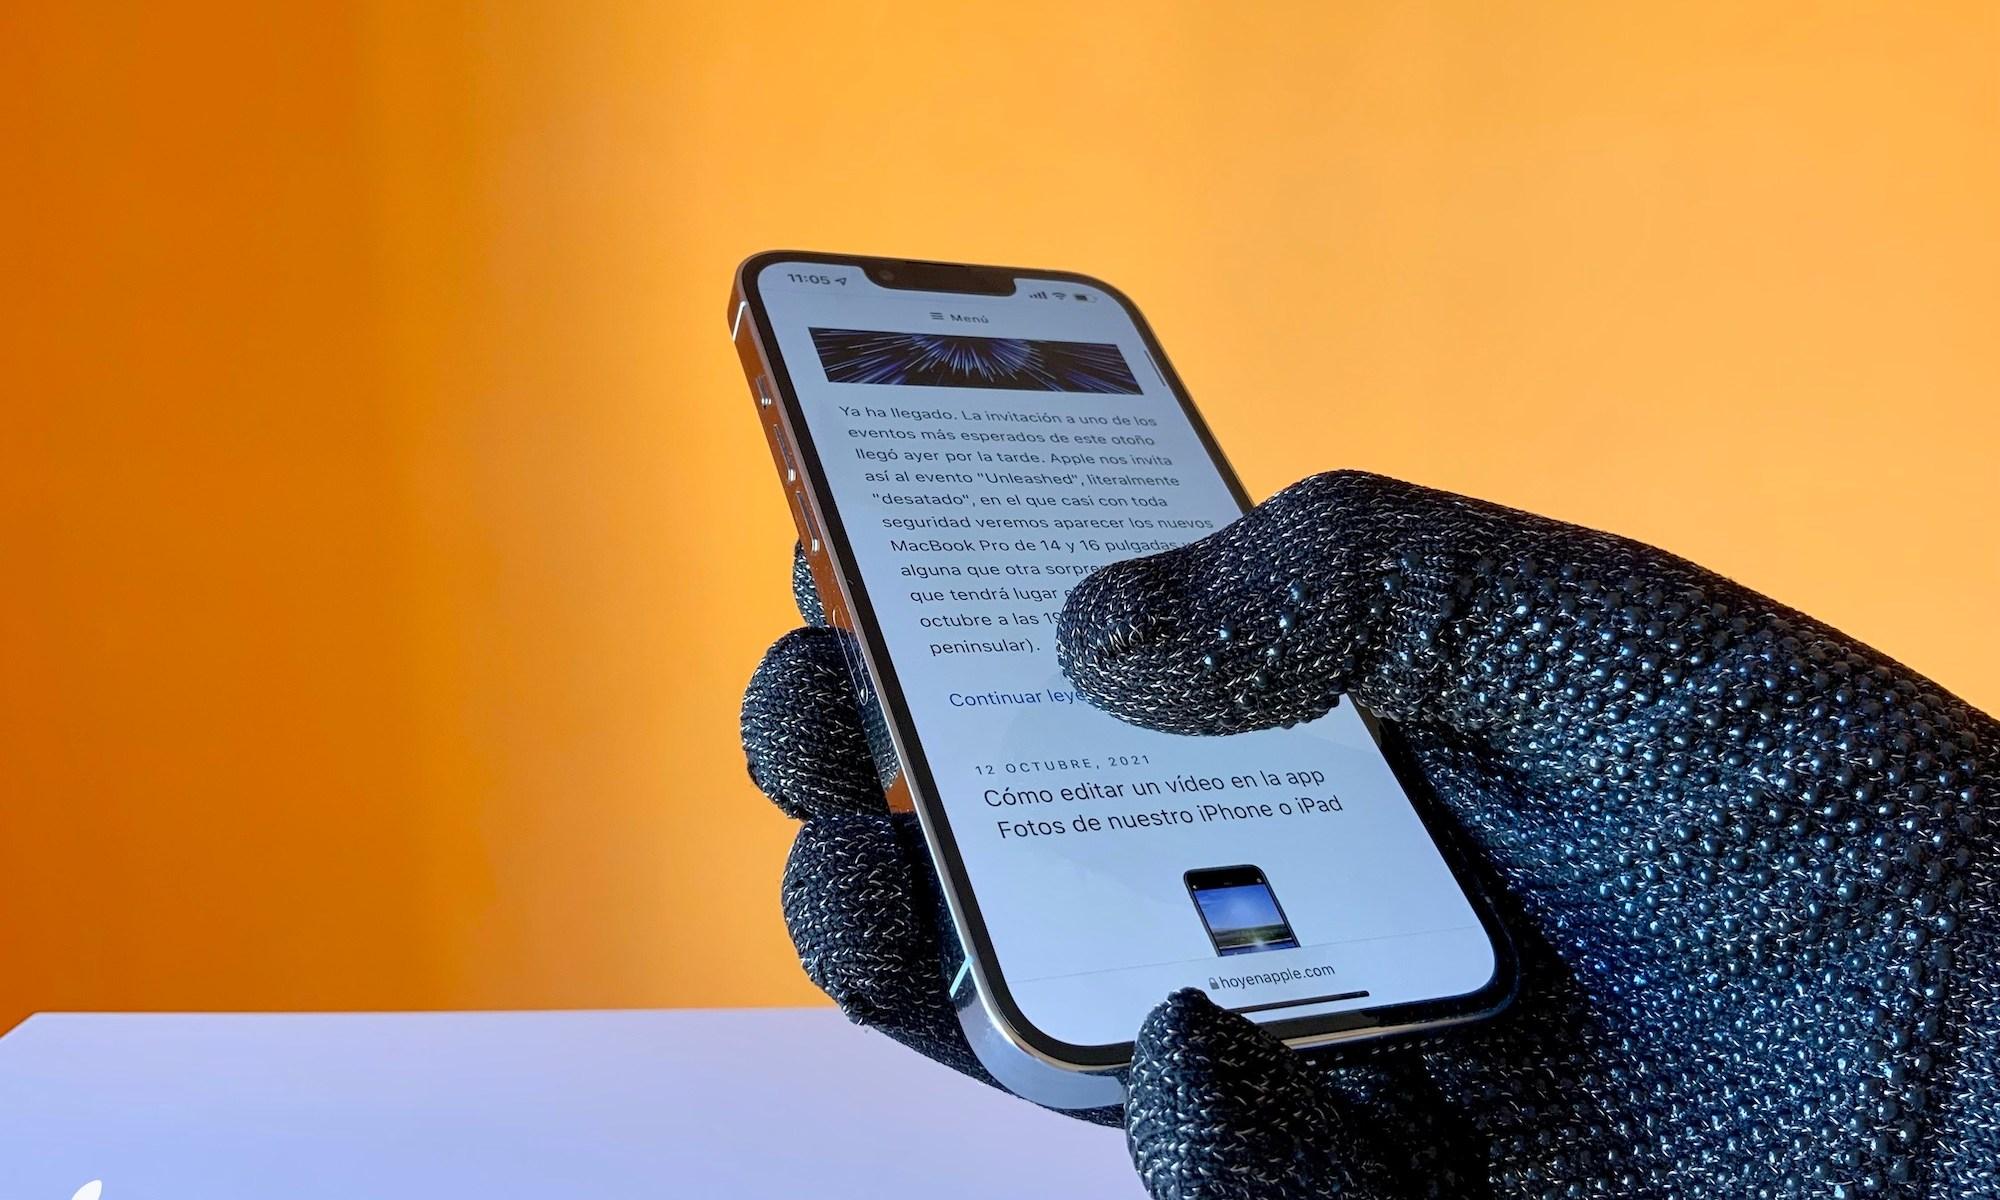 Guantes táctiles de Mujjo, ideales para usar nuestro iPhone por mucho frío que haga